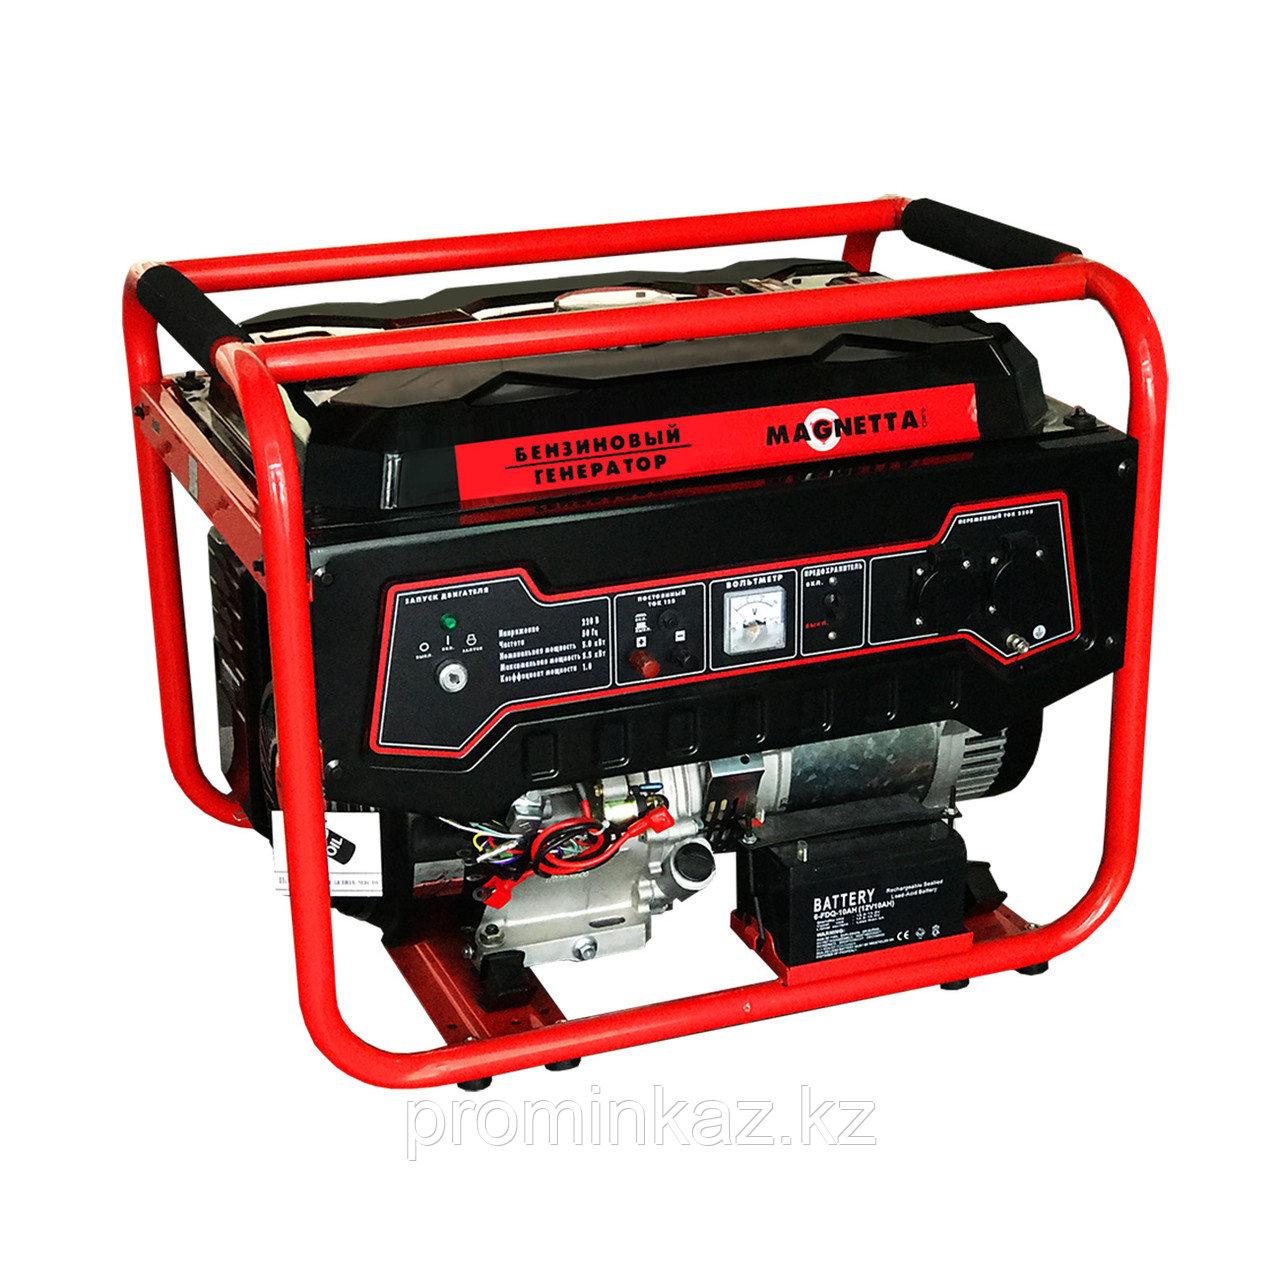 Бензиновый генератор MAGNETTA GFE6500, 5,5 кВт